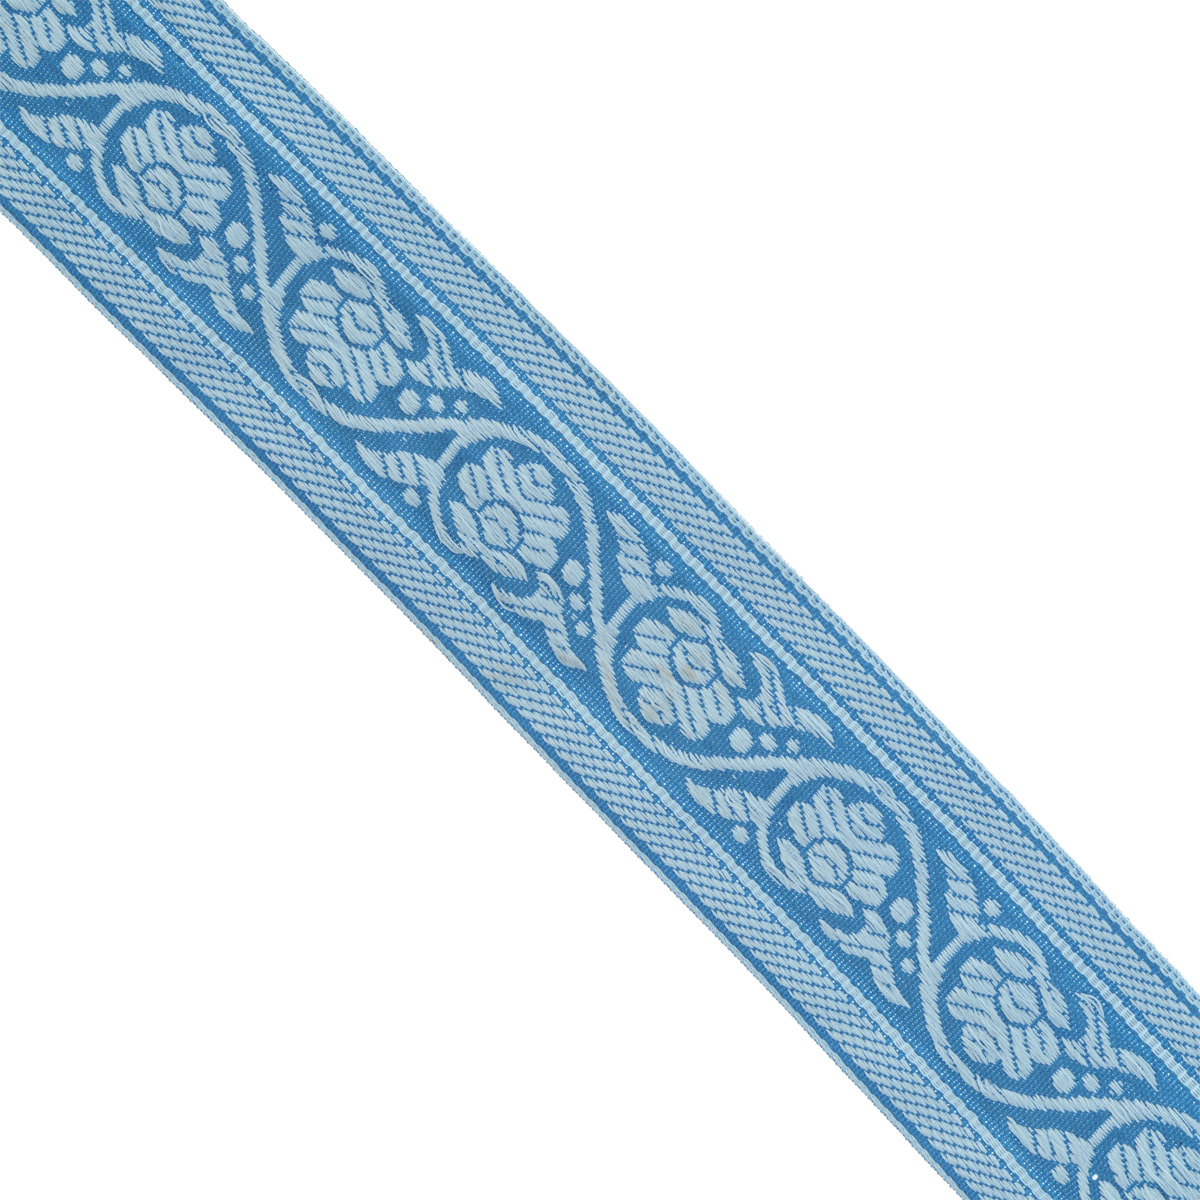 Тесьма декоративная Астра, цвет: синий (187/184), ширина 3,5 см, длина 16,4 м. 7703348 тесьма декоративная астра цвет болотный зеленый с19 ширина 2 5 см длина 9 м 7703433